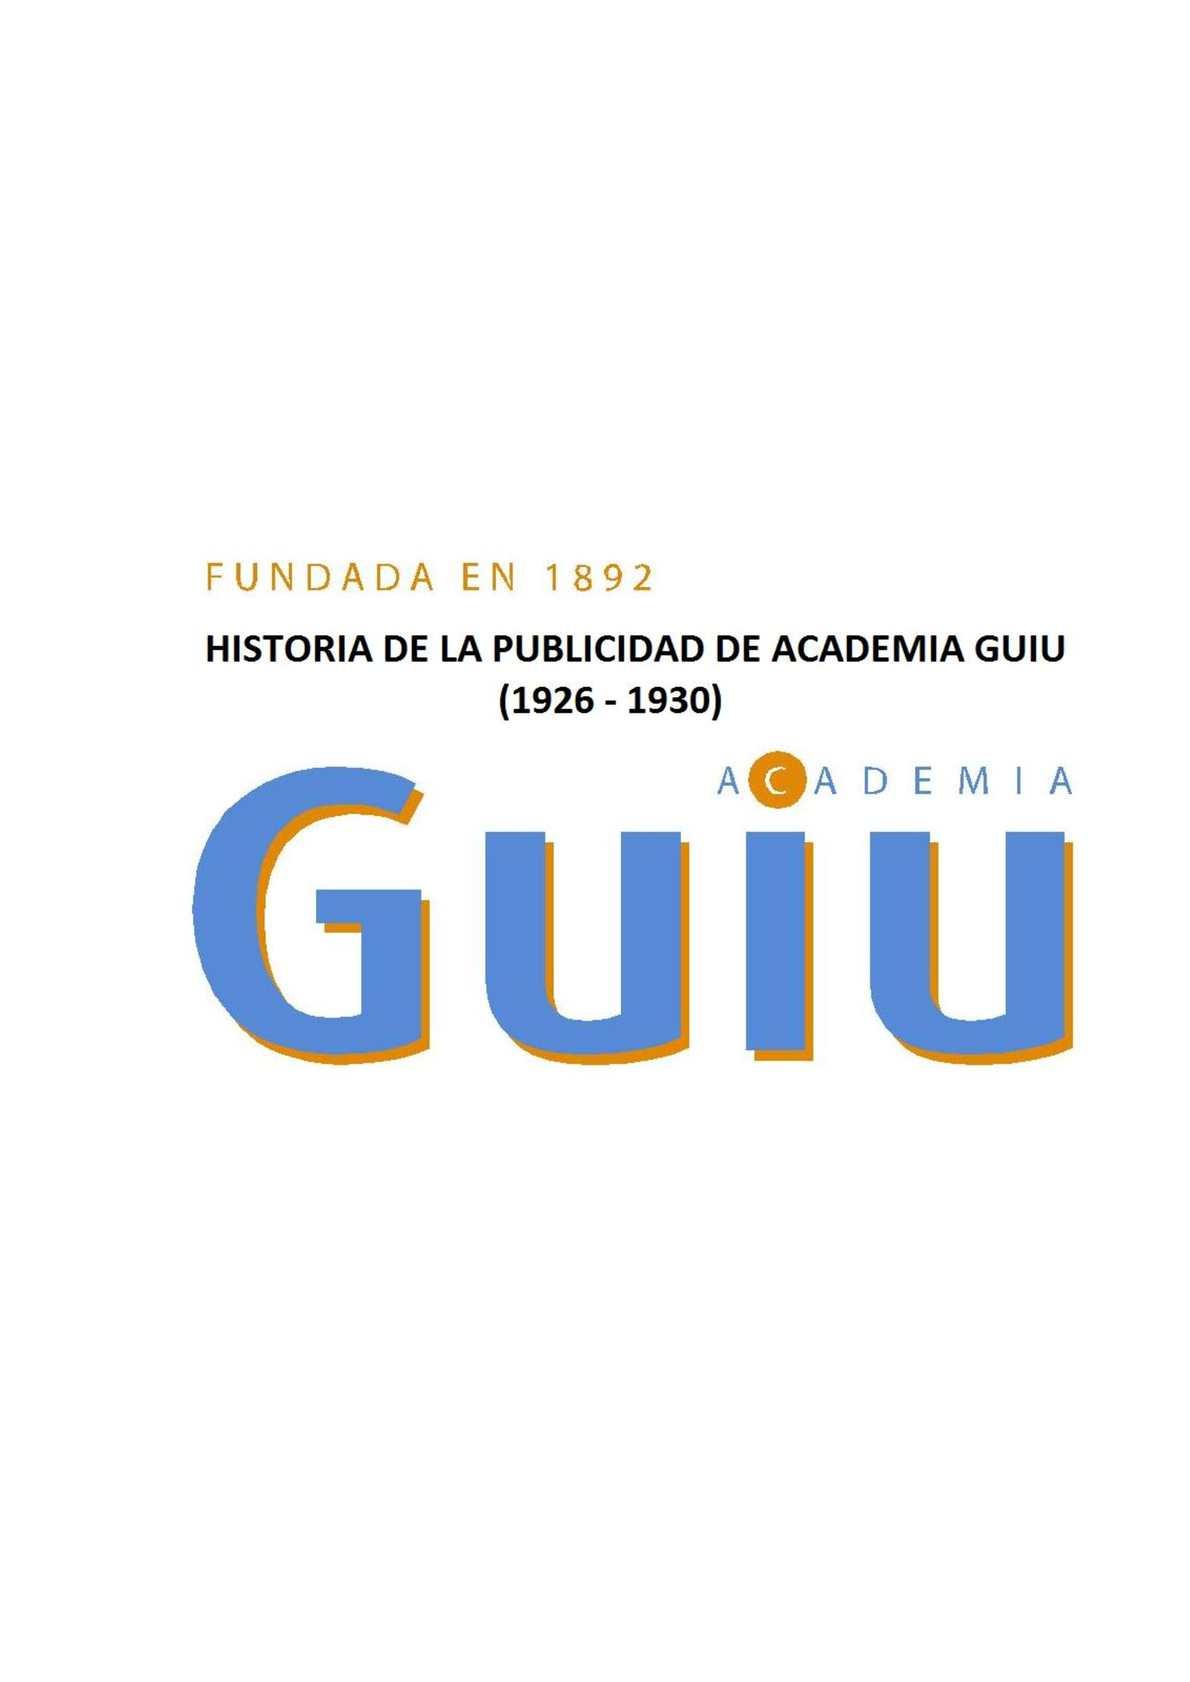 Calaméo - Historia de Publicidad de la Academia Guiu